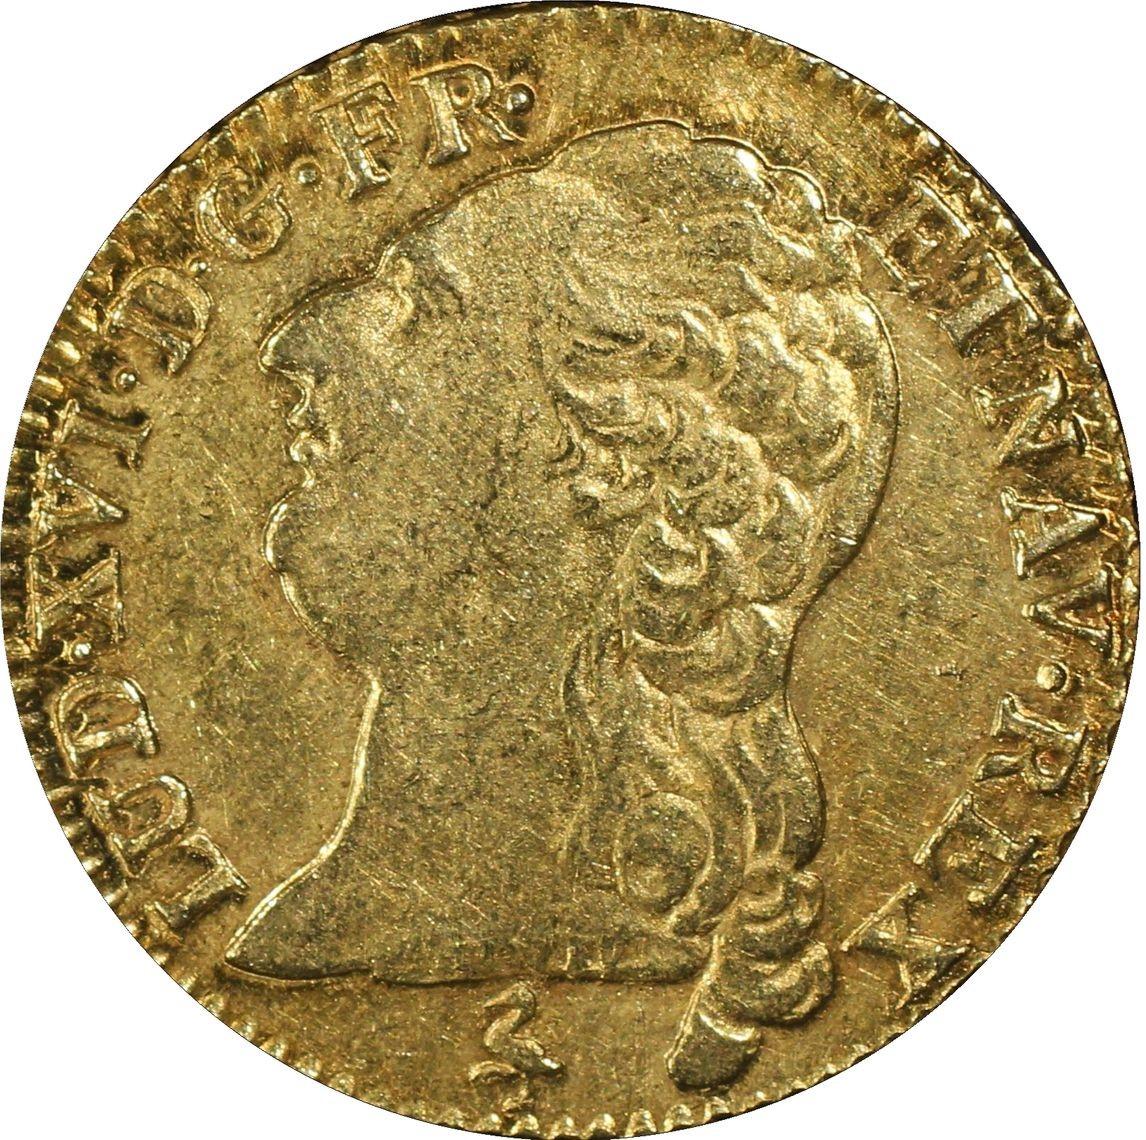 アンティークコイン-フランス-ルイ16世ルイドール金貨1786-A-PCGS-AU53